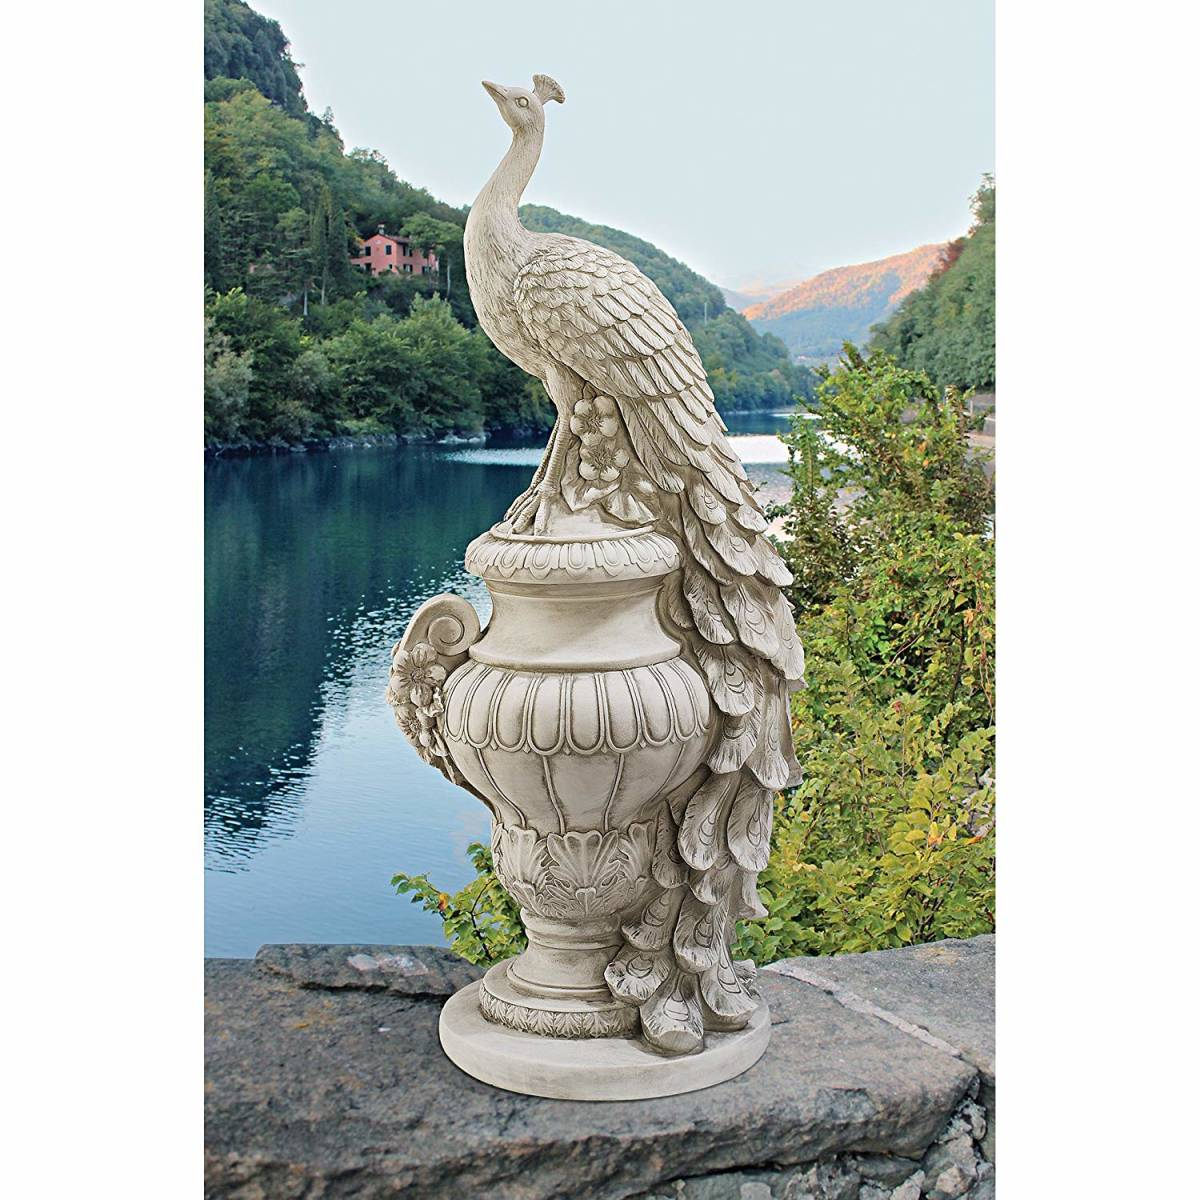 ステイバーデン城の壷庭の白孔雀 (ピーコック) 彫像 彫刻/Staverden Castle Peacock on an Urn Garden Statue, Antique Stone(輸入品)